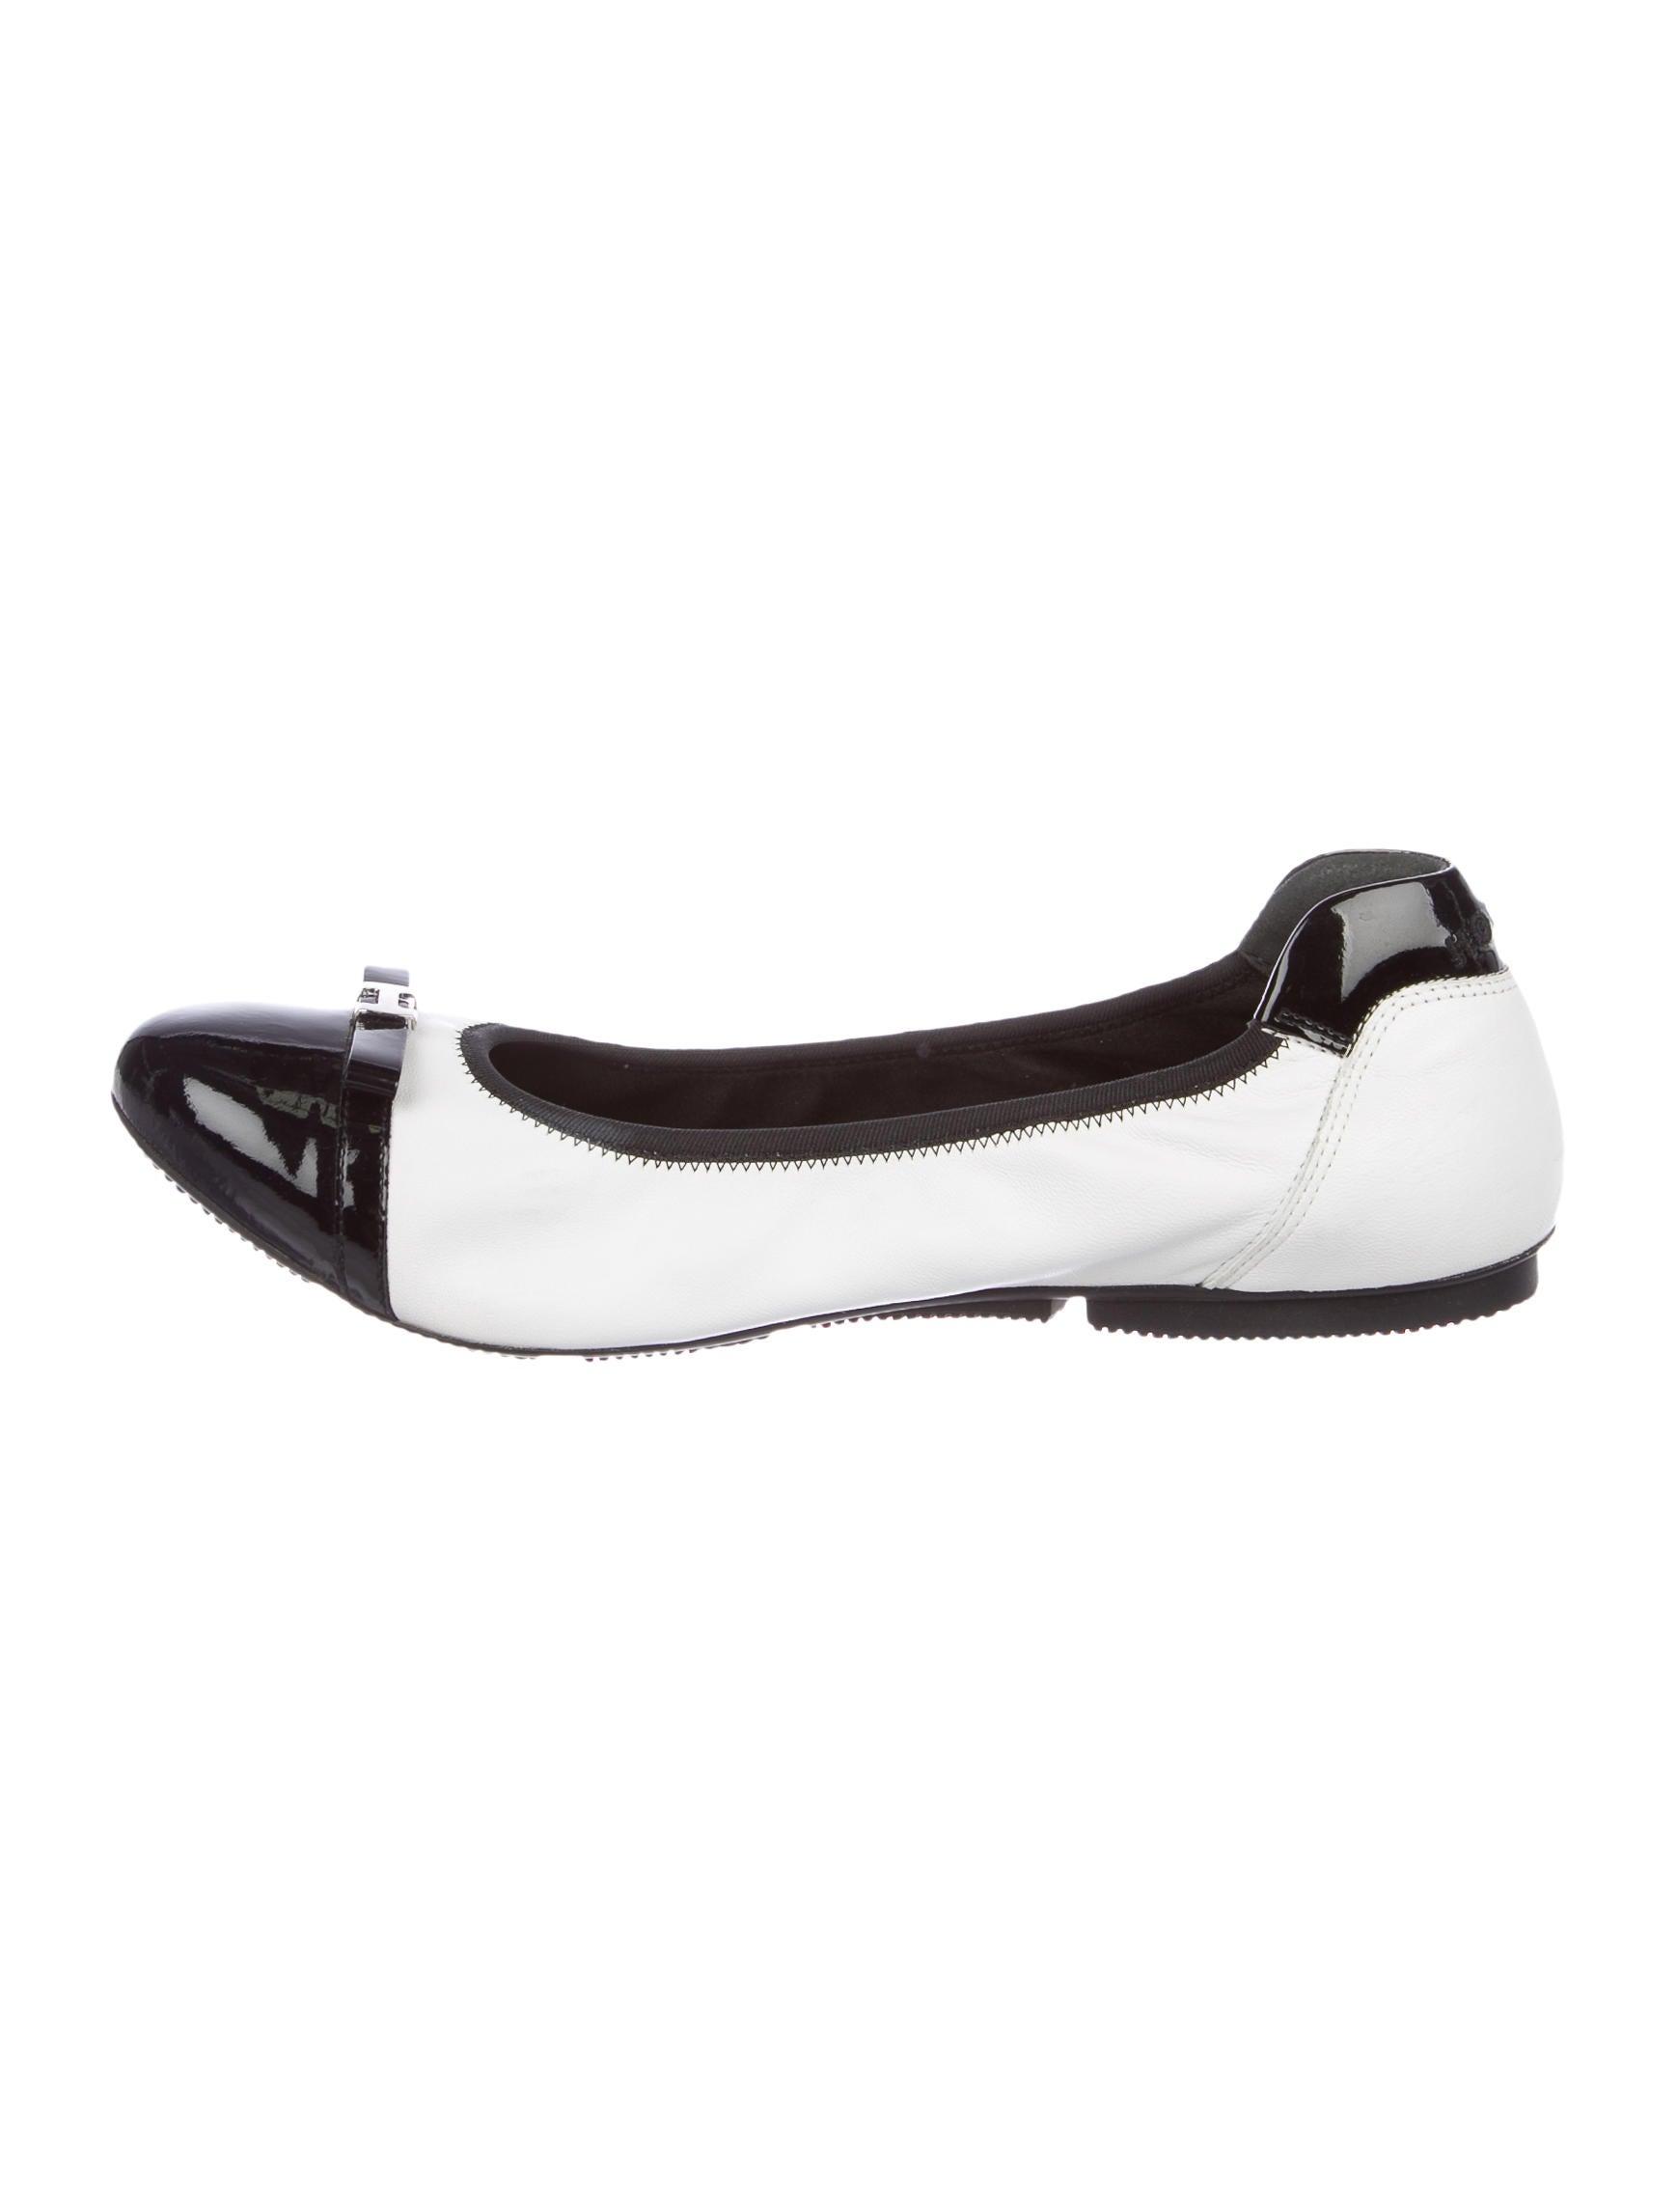 Hogan Leather Cap-Toe Flats sale under $60 1fRfxcwjtz